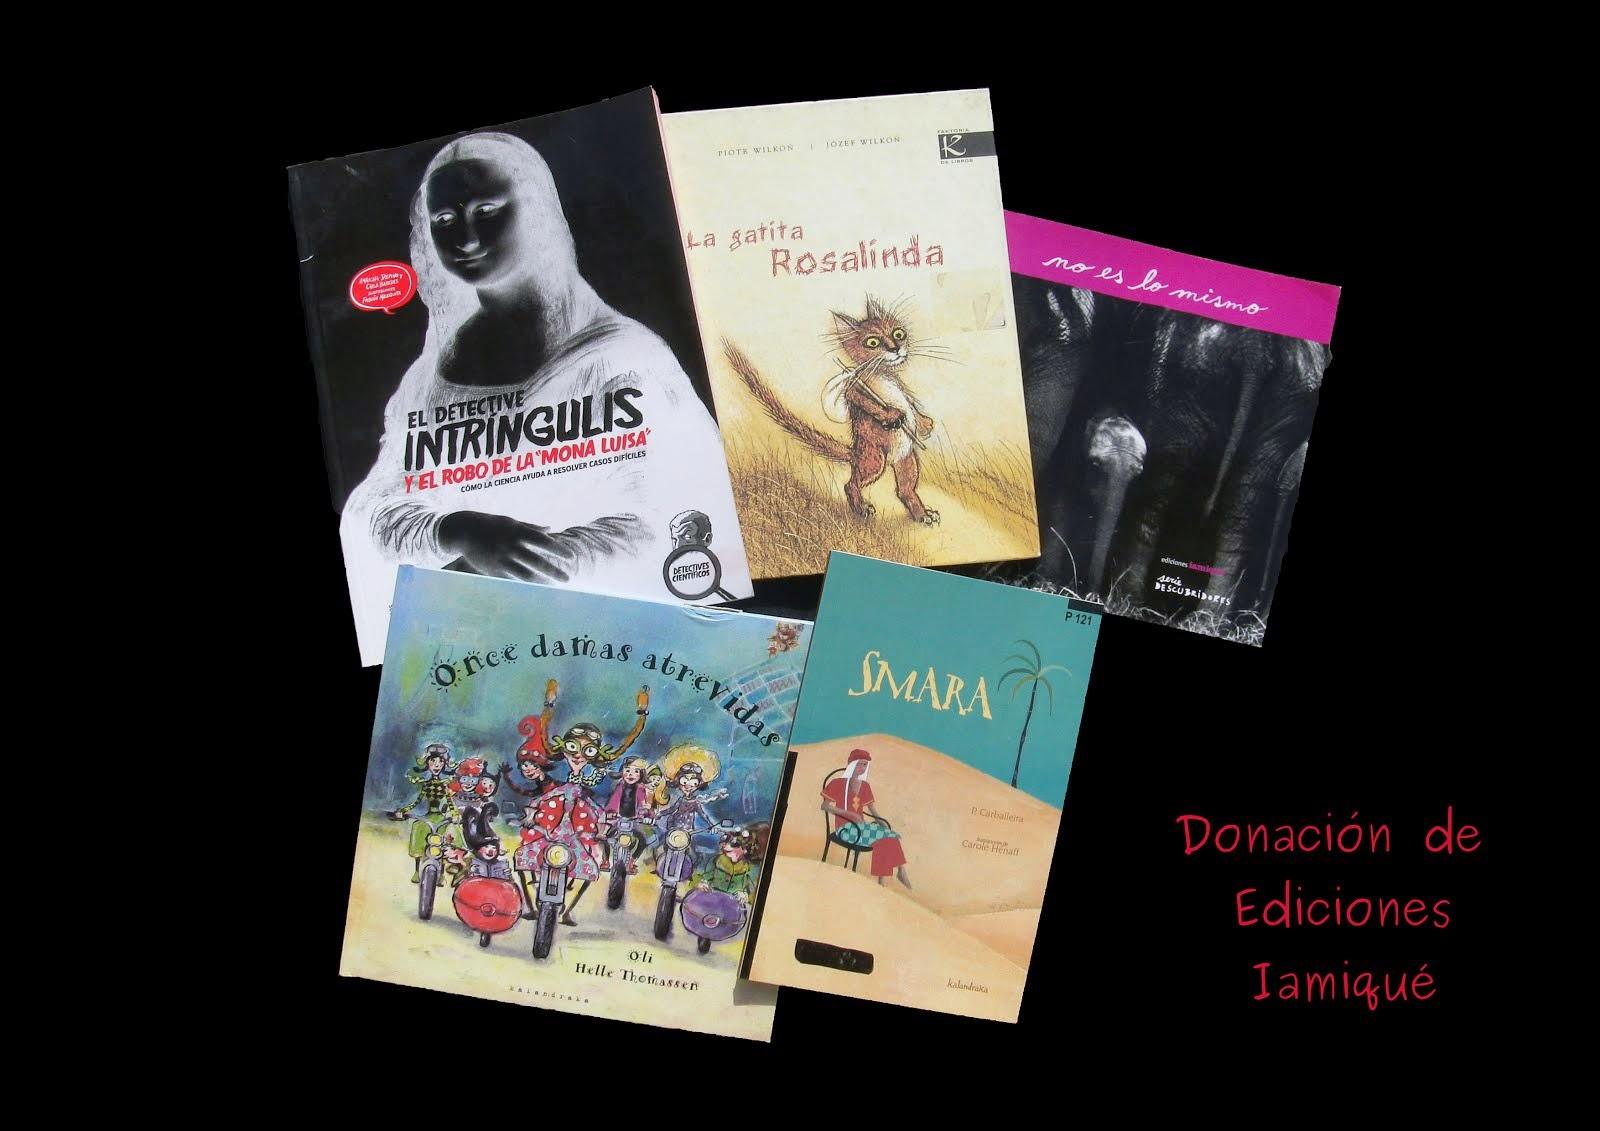 Donación Ediciones iamiqué (2014)